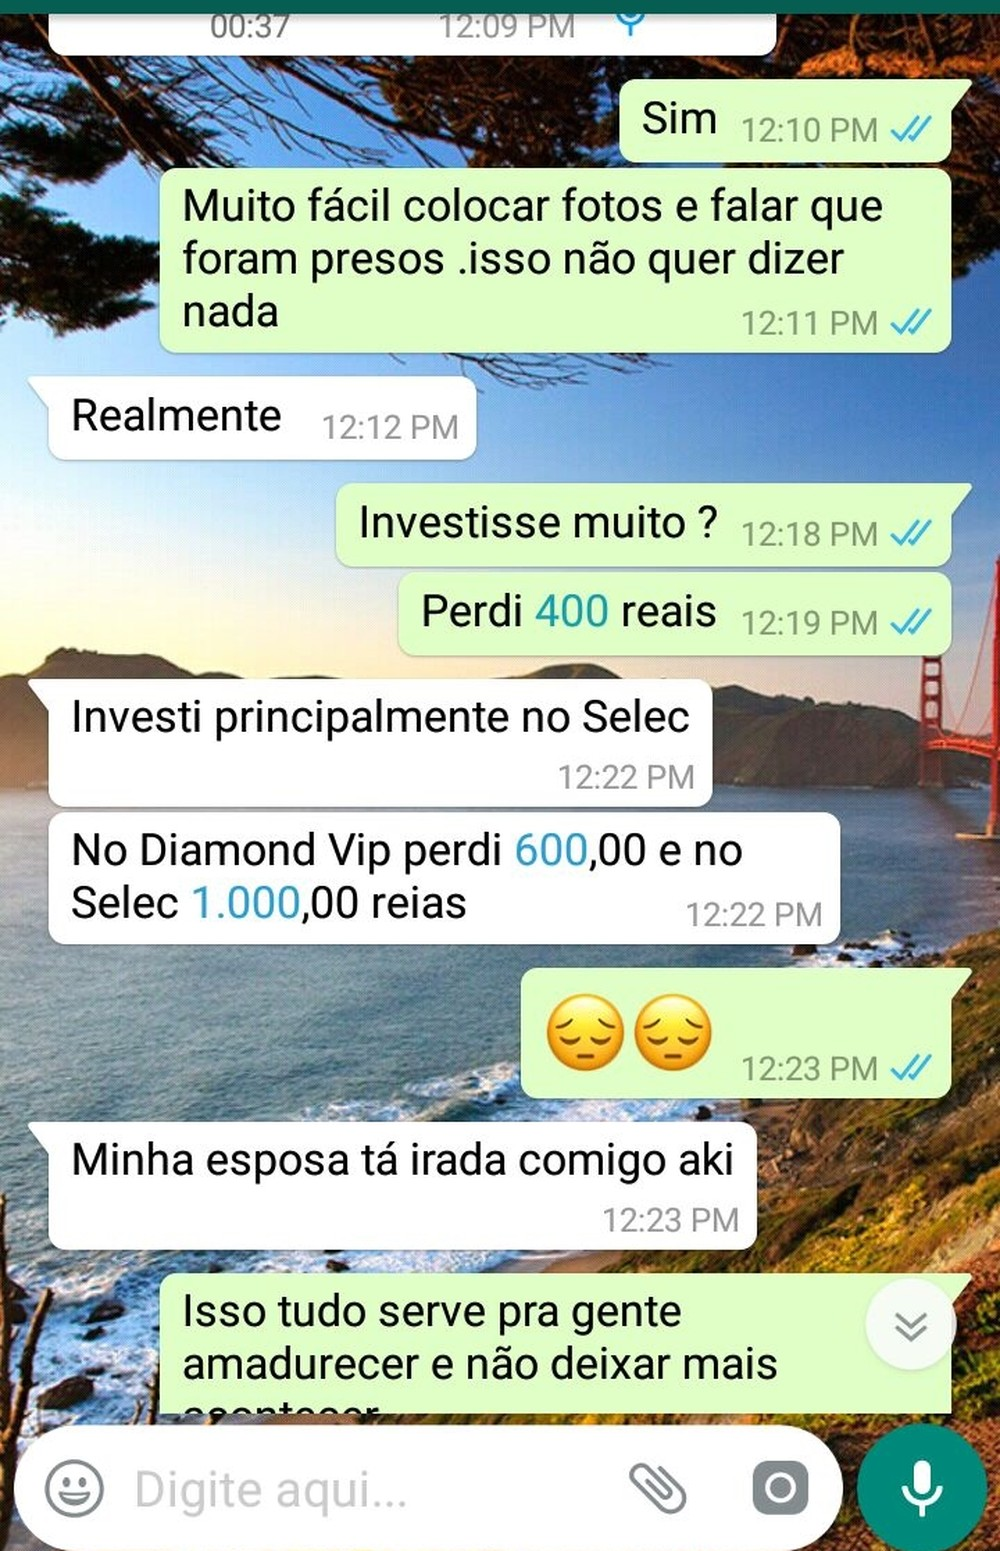 Vítimas da pirâmide financeira lamentam as perdas no esquema suspeito (Foto: Reprodução/WhatsApp/Lucas Sá/DDF)